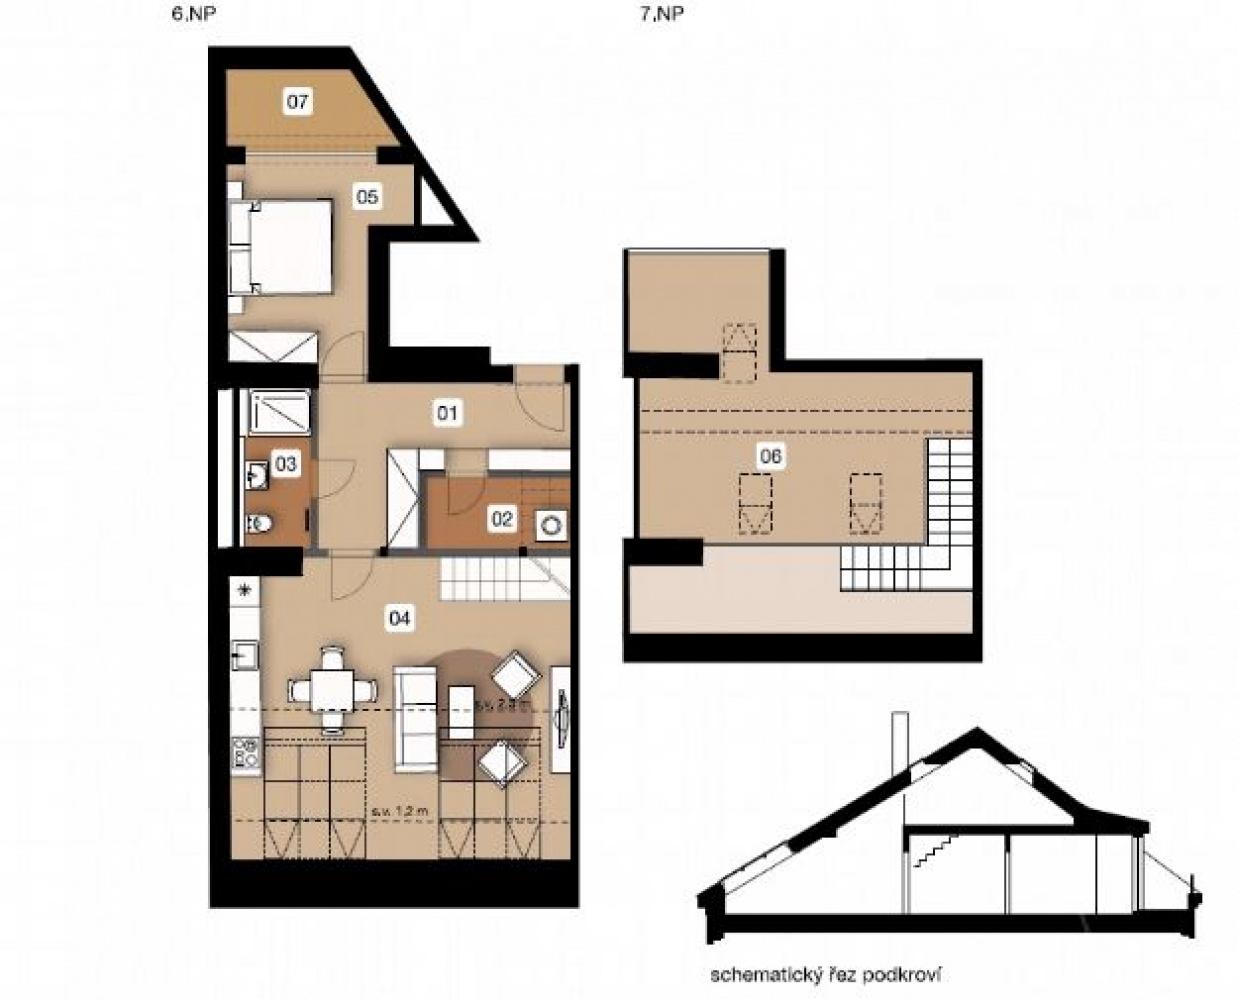 Půdorys - Půdní byt 3+kk, plocha 100 m², ulice Na Spojce, Praha 10 - Vršovice